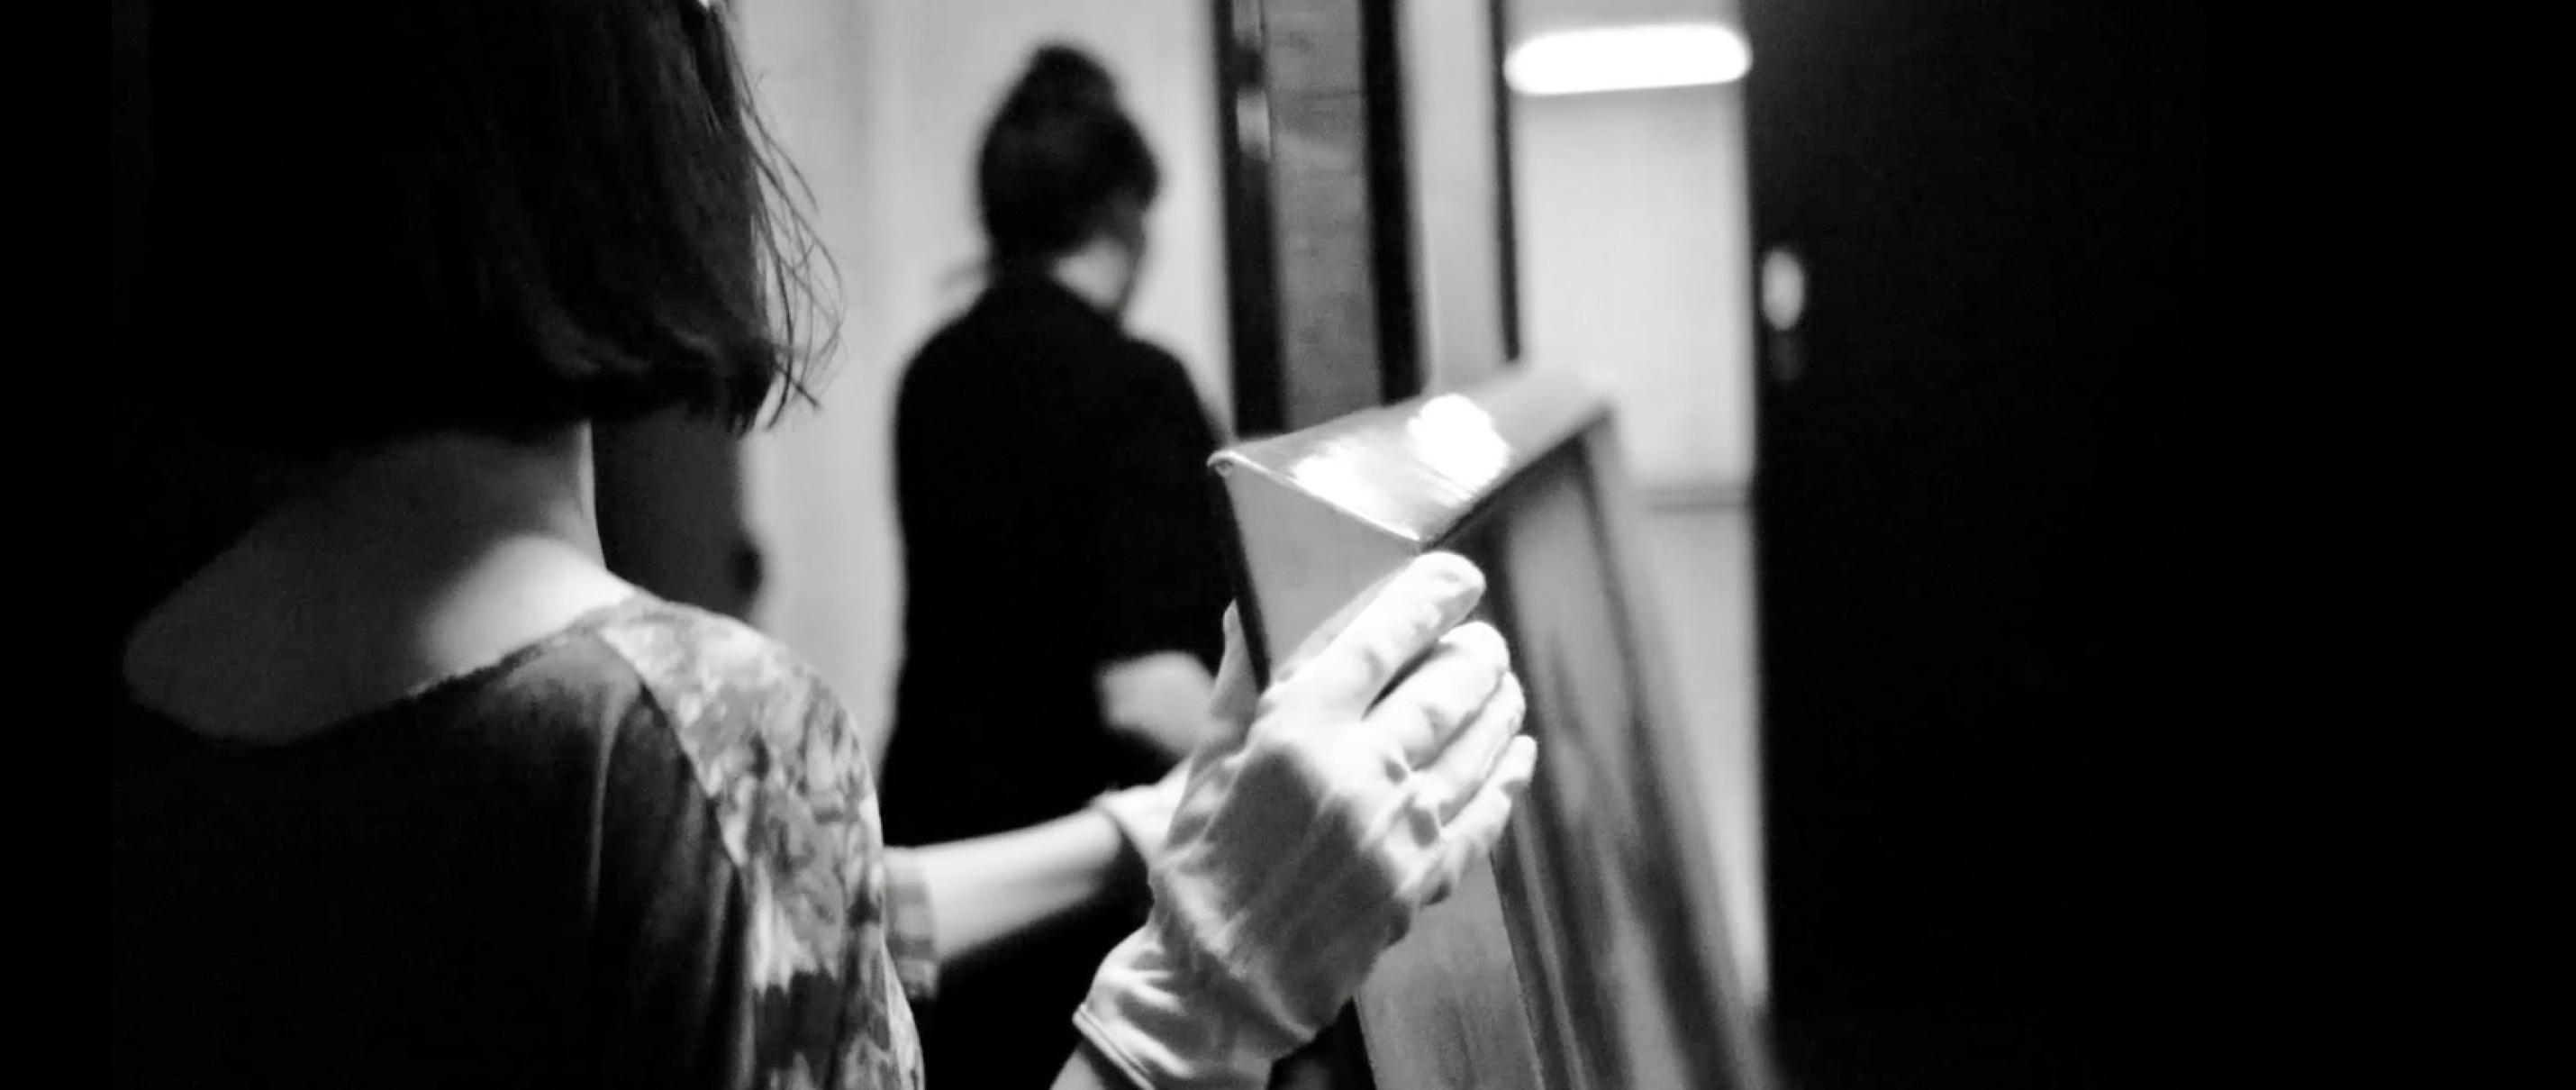 Die neue Nationalgalerie - Dokumentarfilm von Ina Weisse - Kamera Judith Kaufmann - Räumung